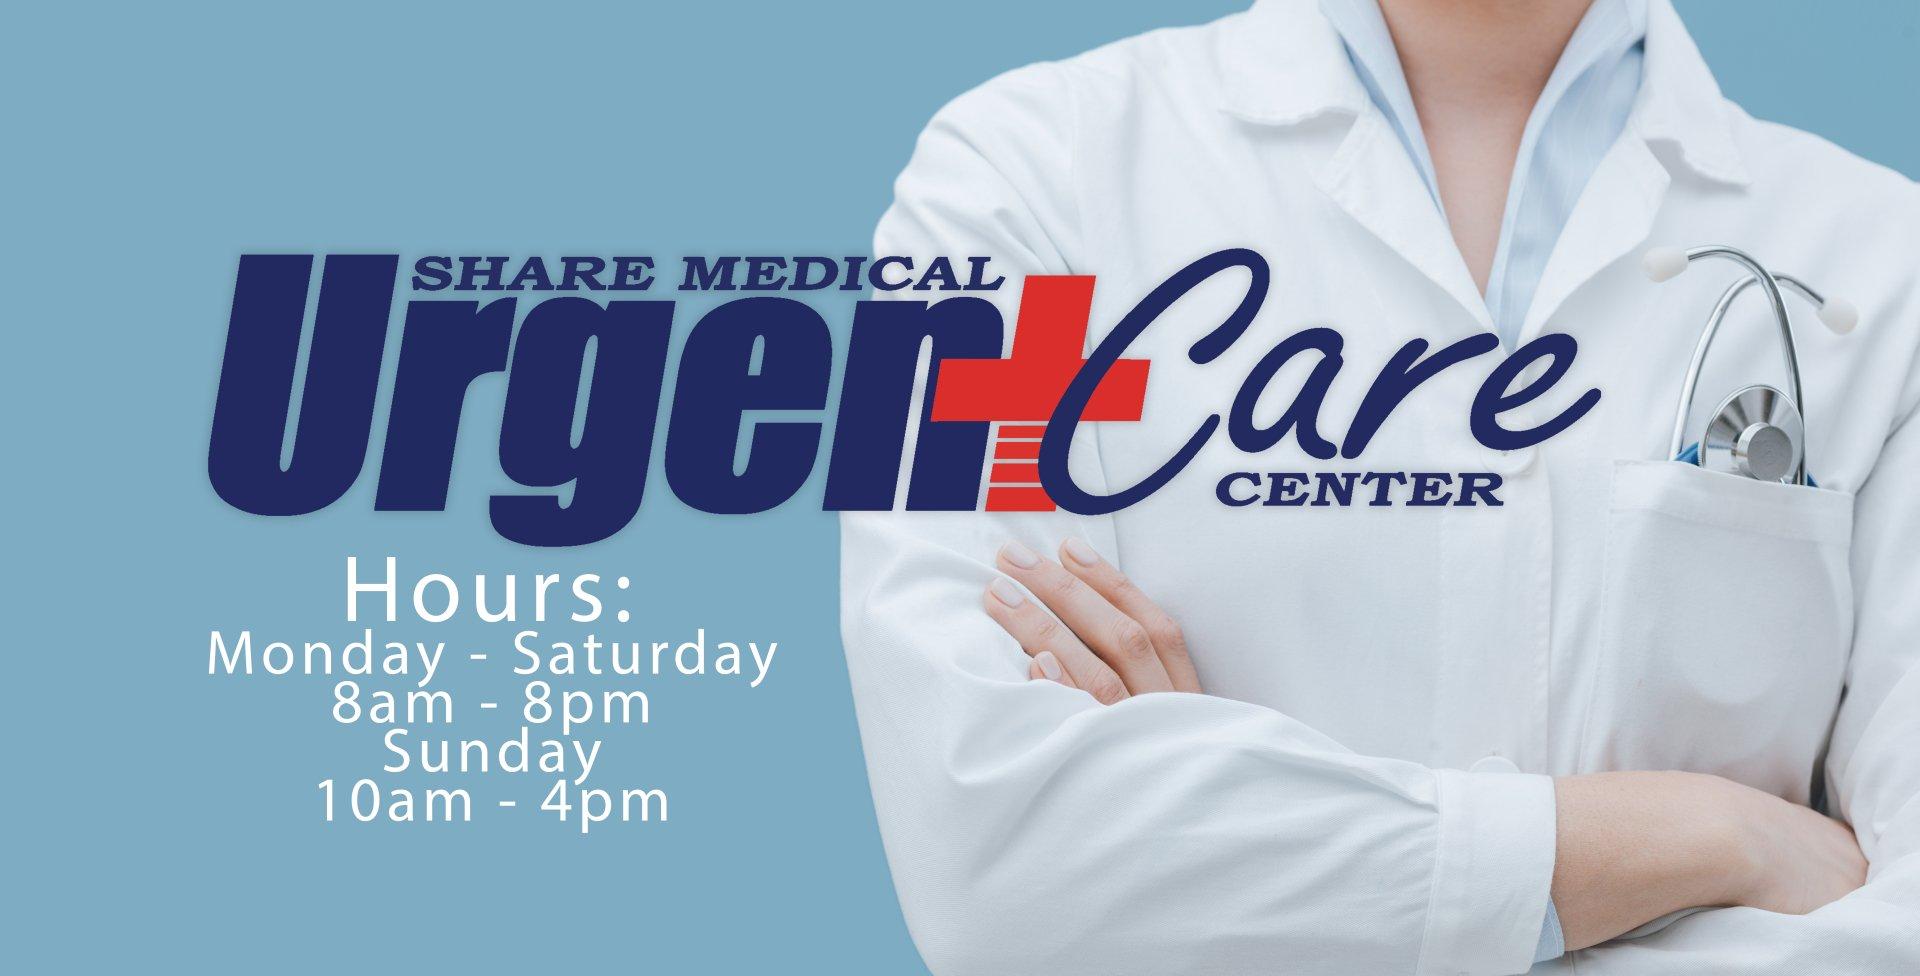 SMC URGENT CARE: